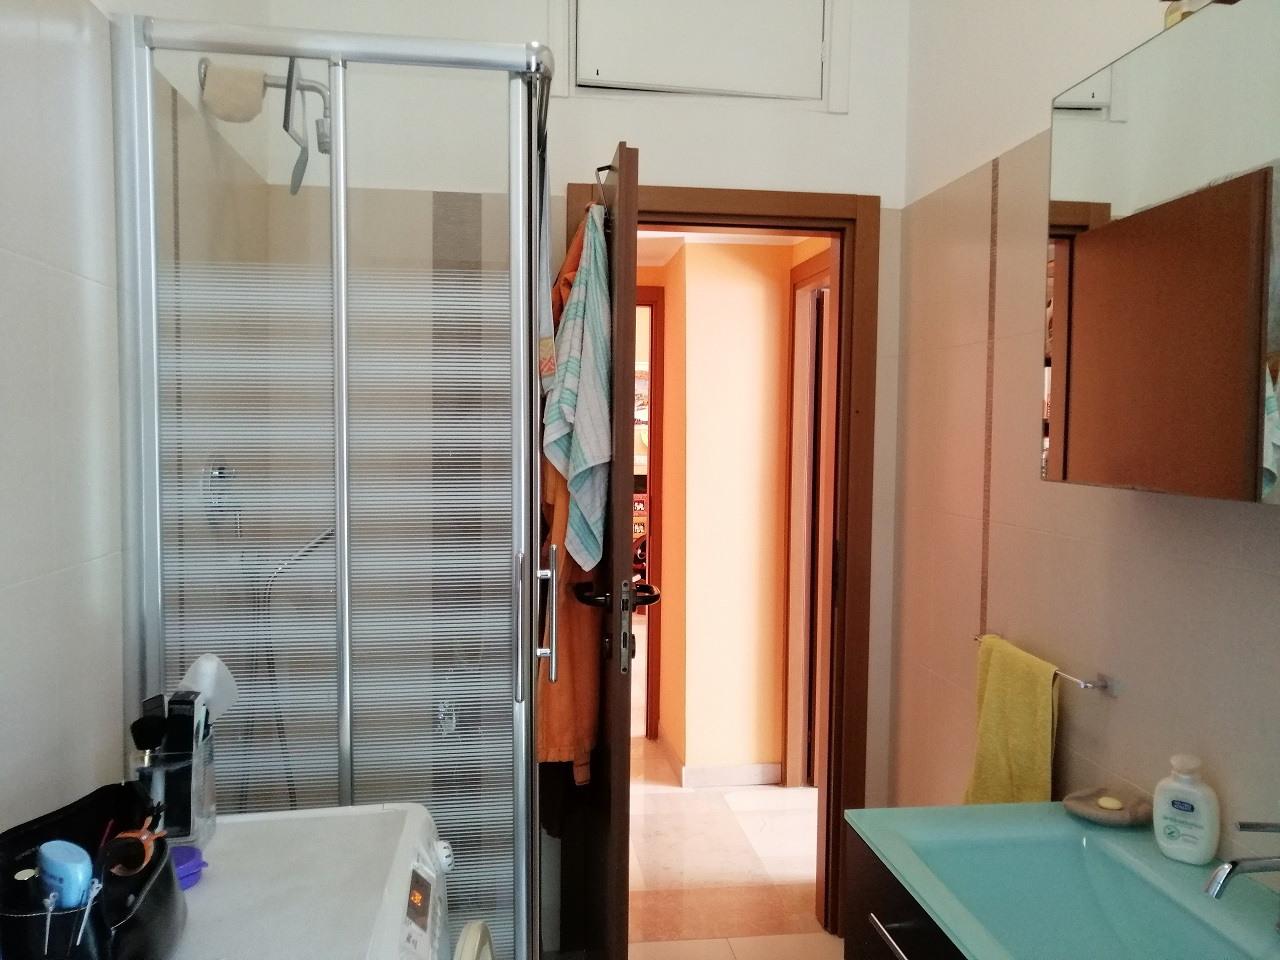 appartamenti-in-vendita-milano-baggio-2-locali-via-valle-antrona-8-spaziourbano-immobiliare-vene-6